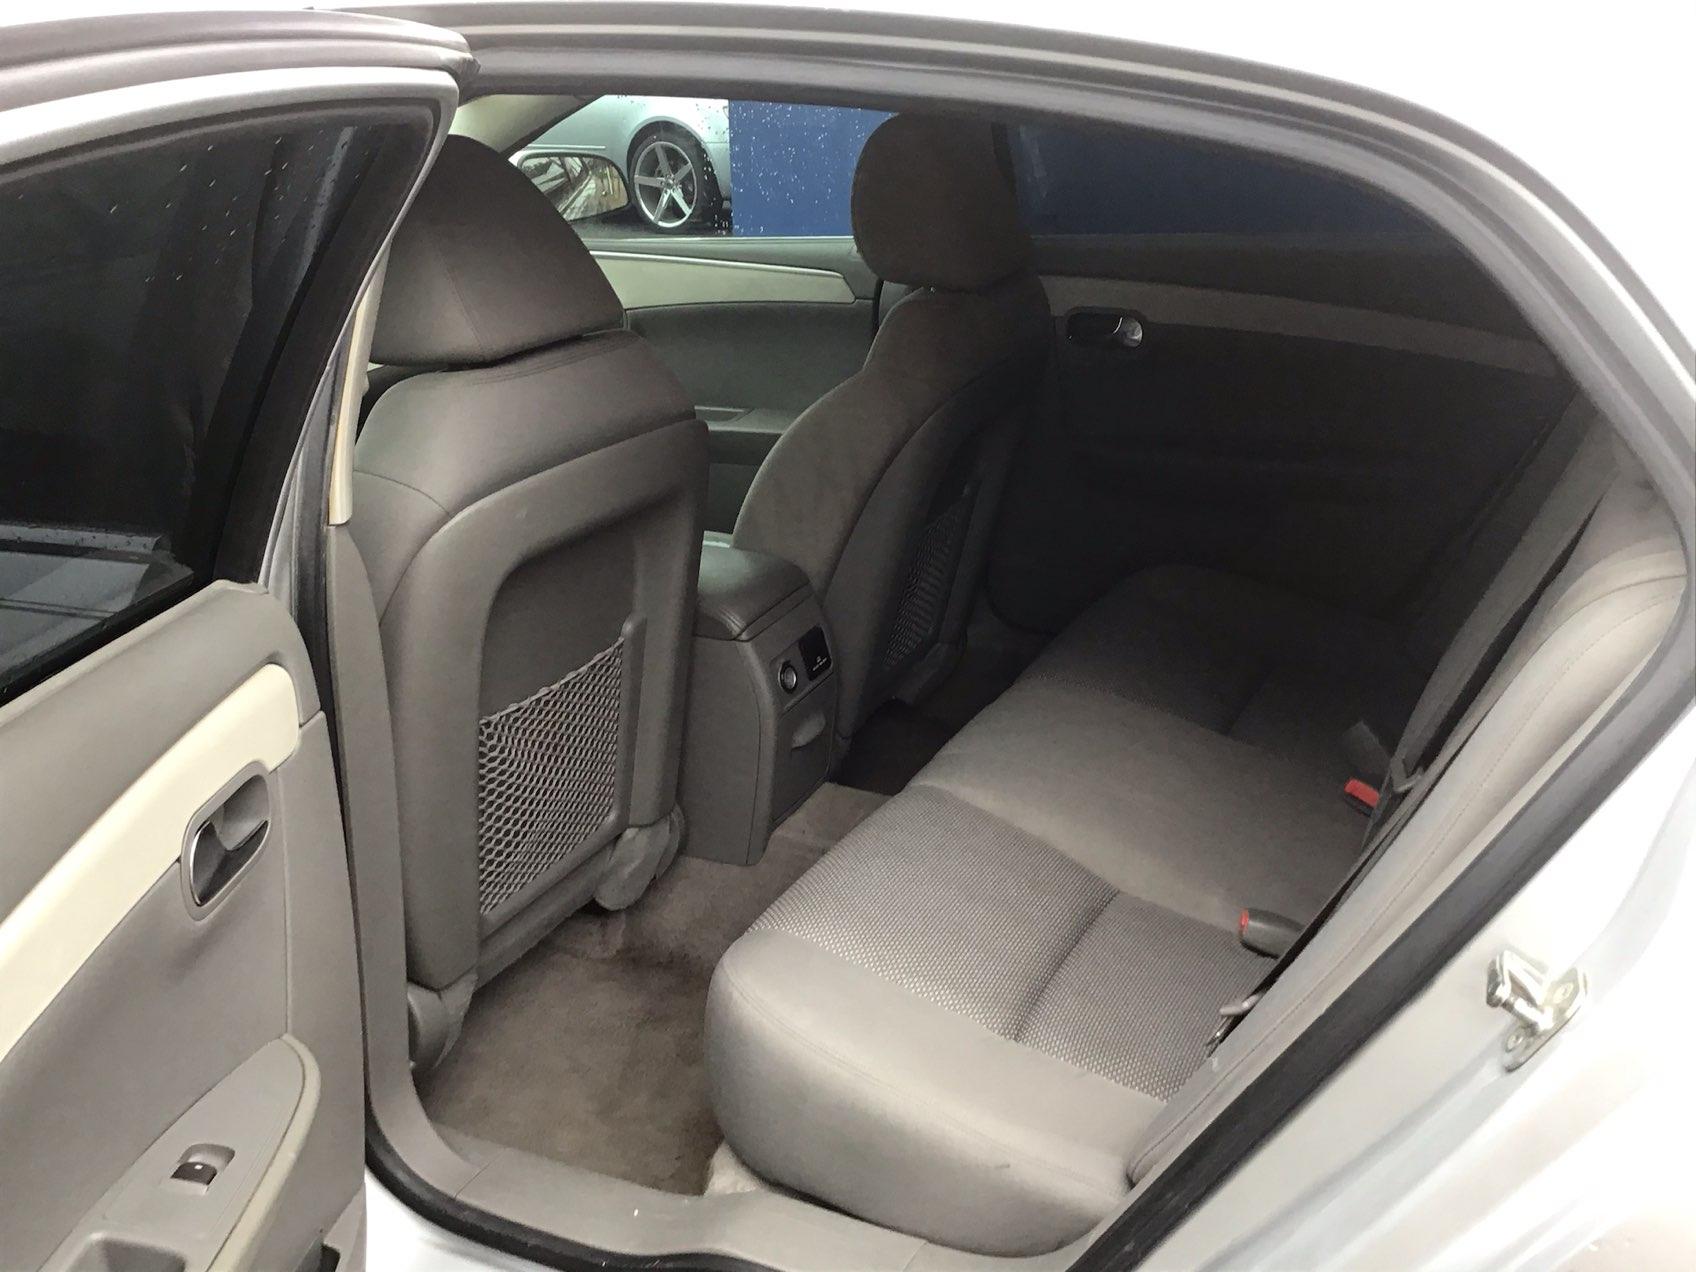 used vehicle - Sedan Chevrolet Malibu 2012